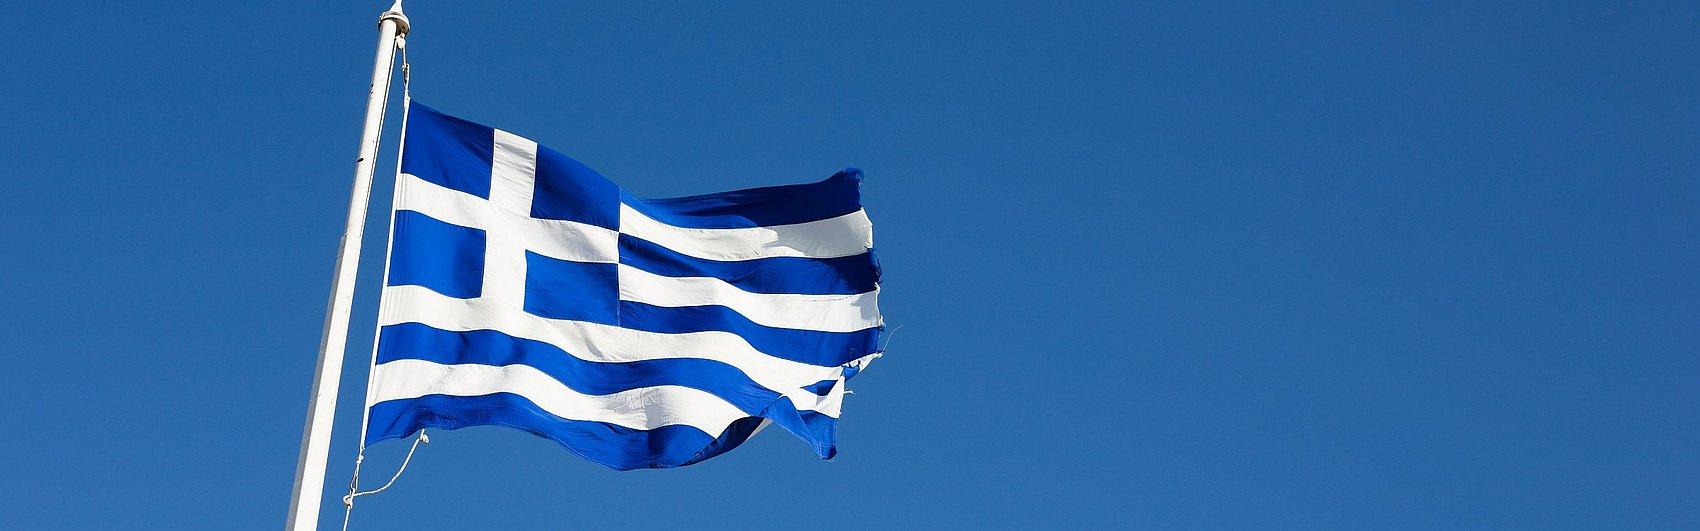 csm_Greece_d6a4fd4167.jpg